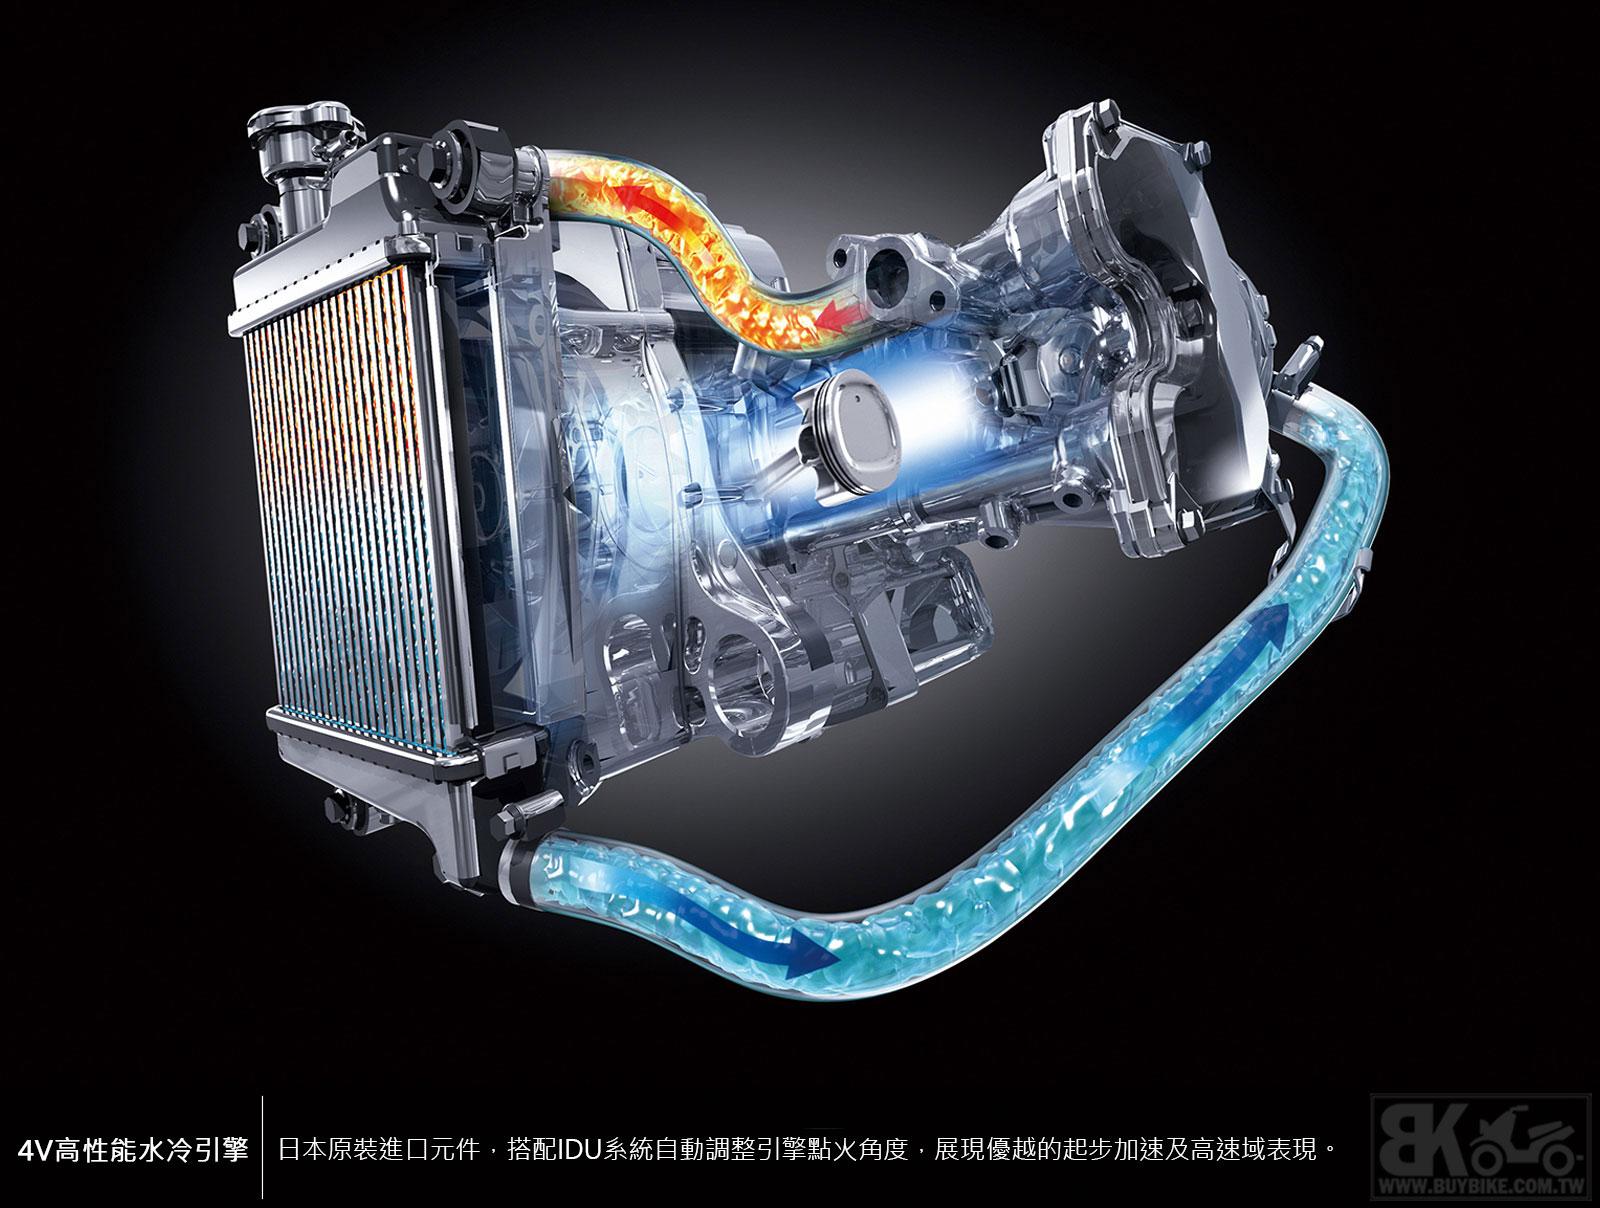 02.4V-高性能水冷引擎